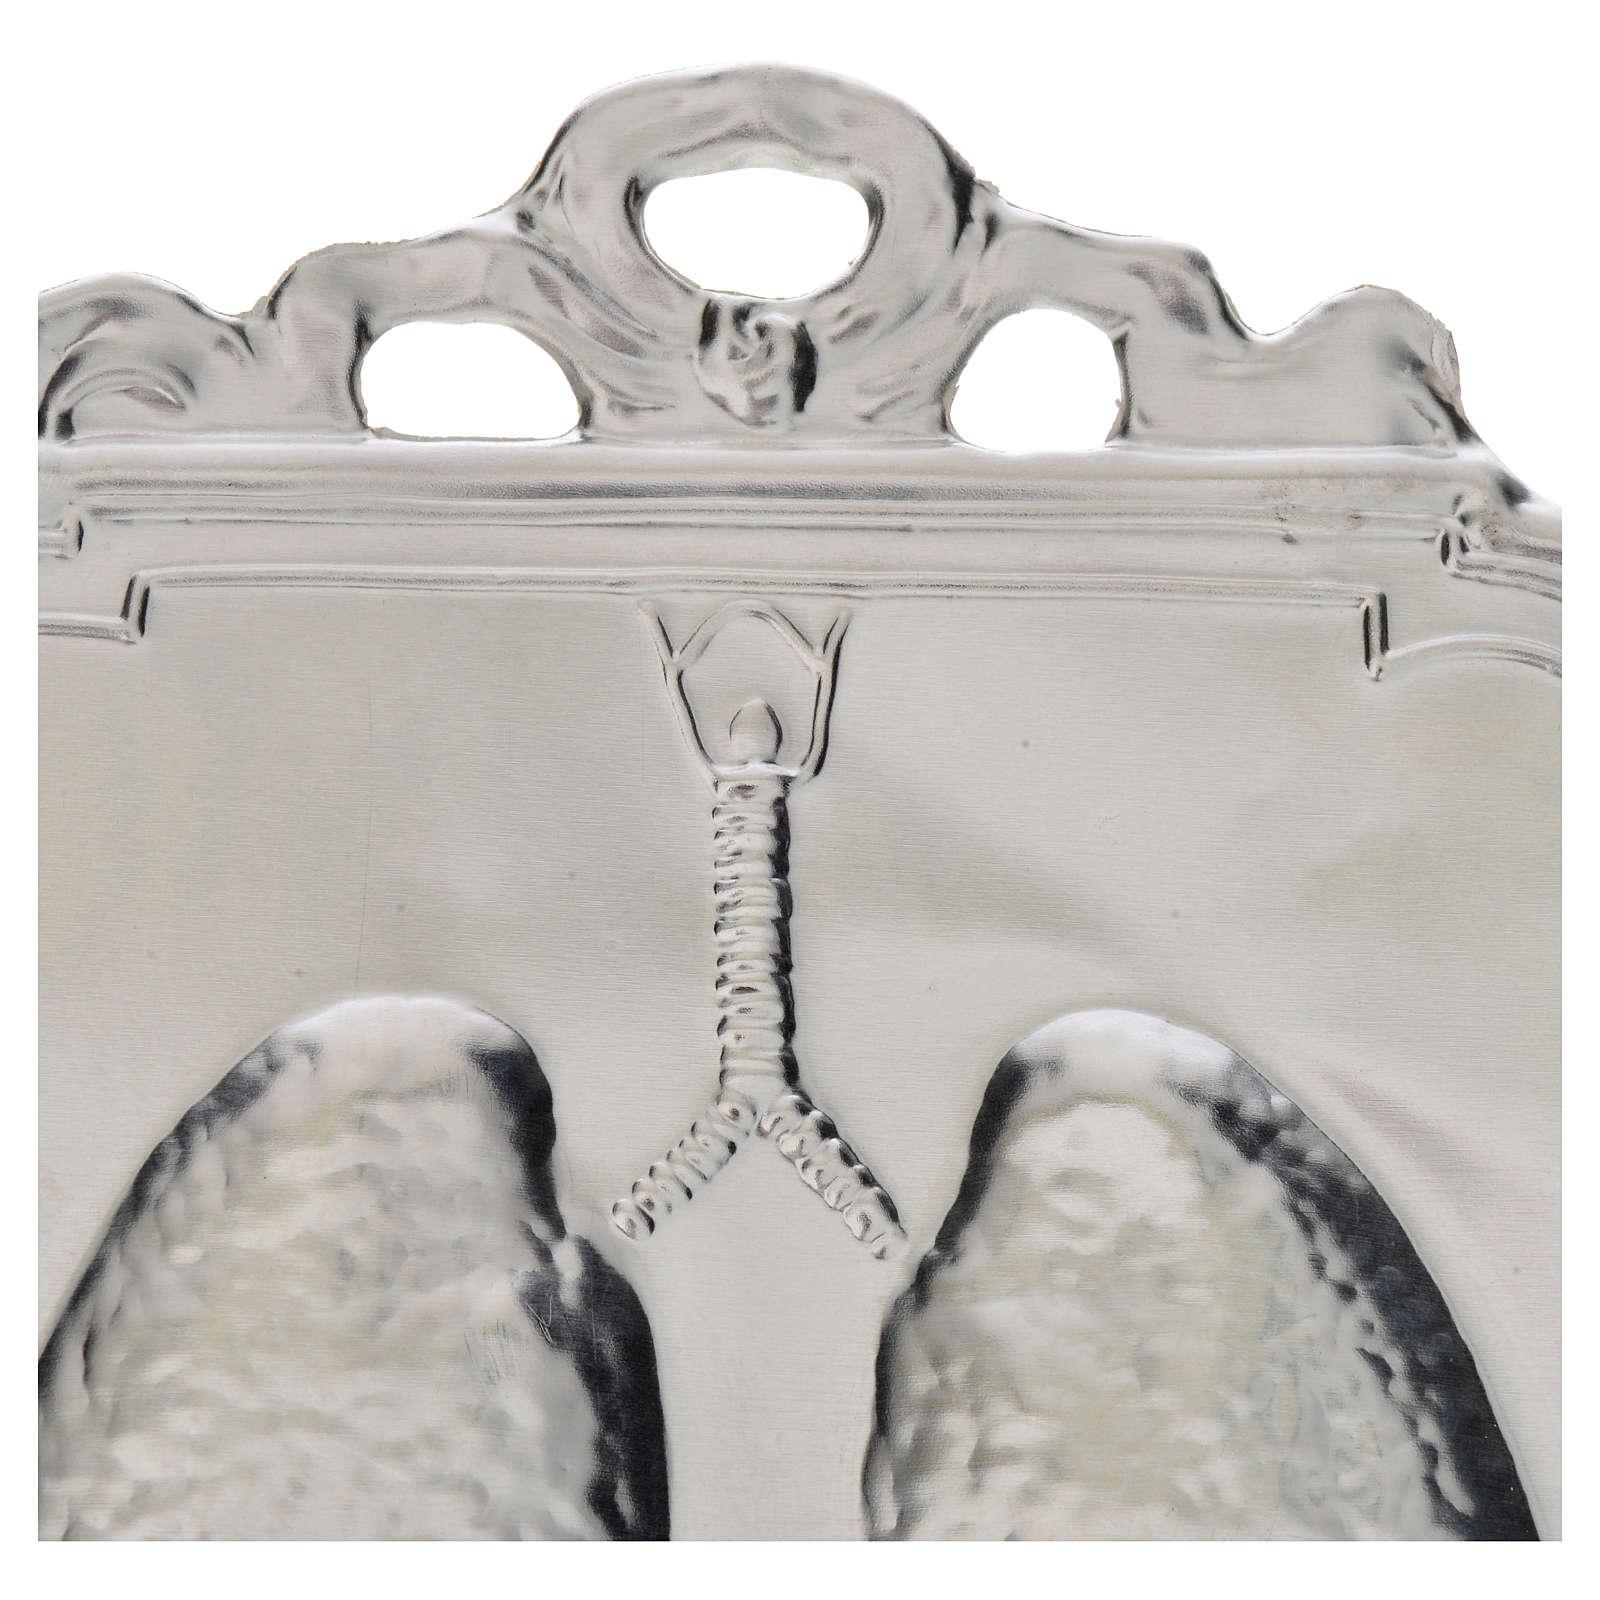 Exvoto pulmones 12 x 9 cm 3